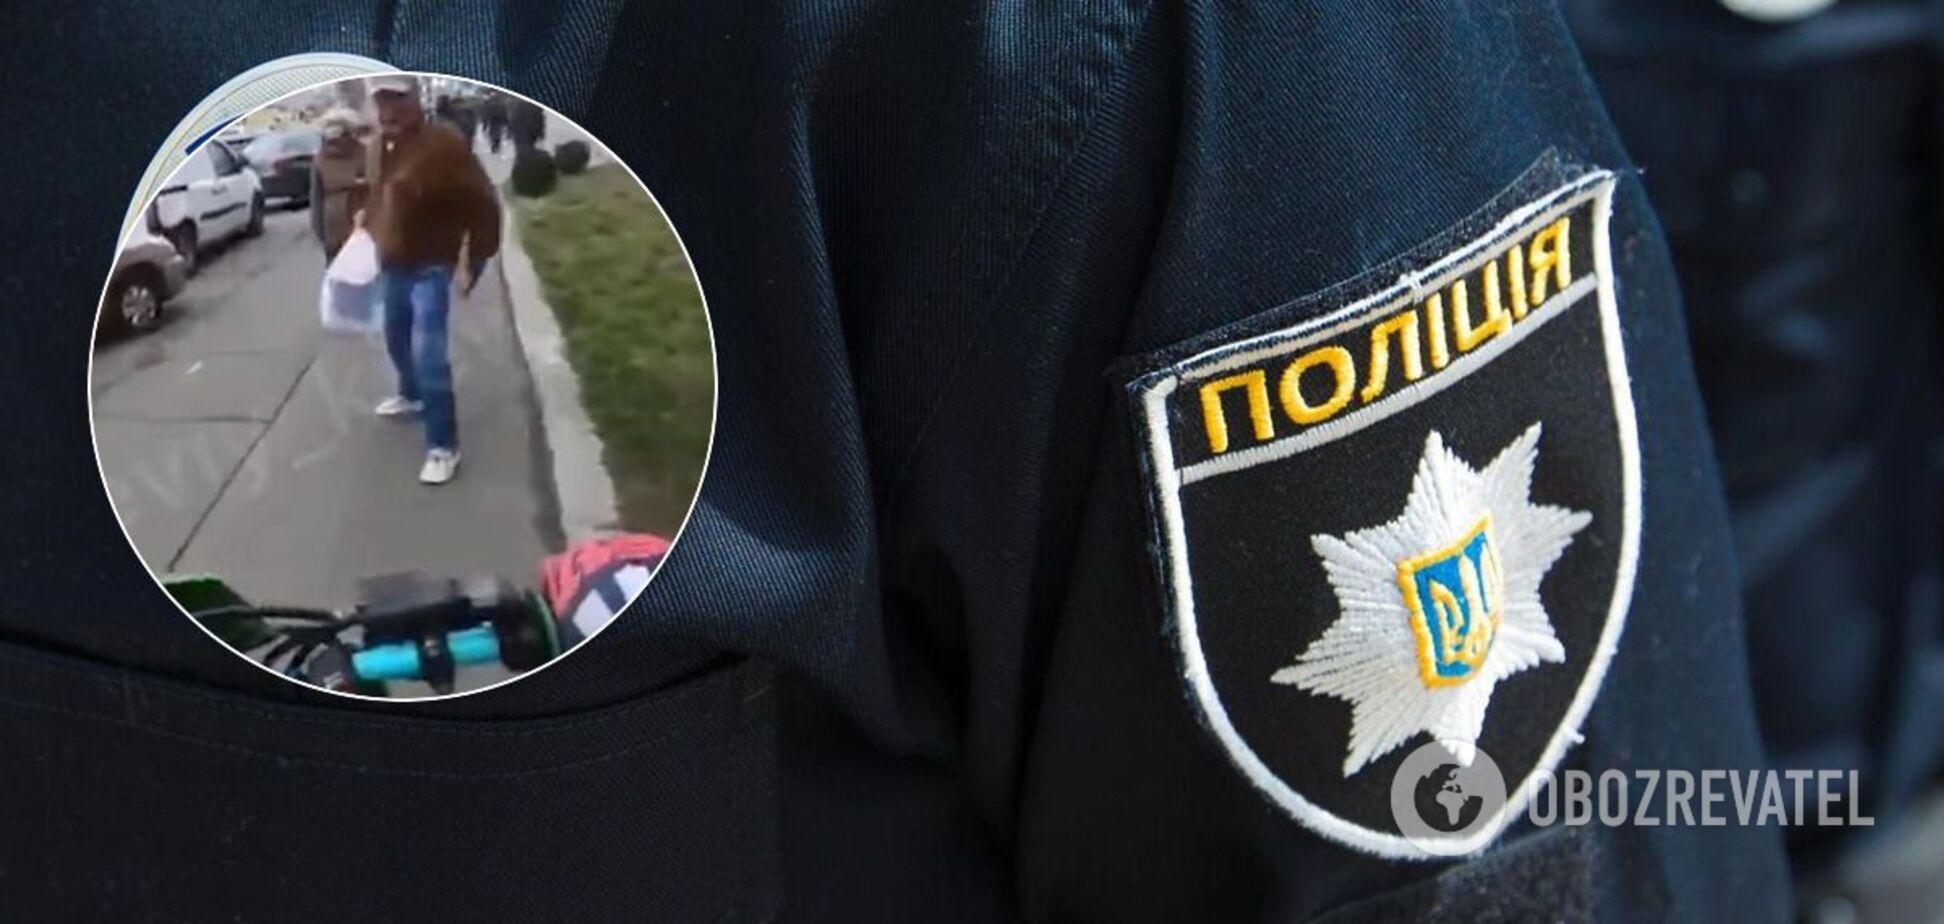 За фактом конфлікту поліція проводить перевірку